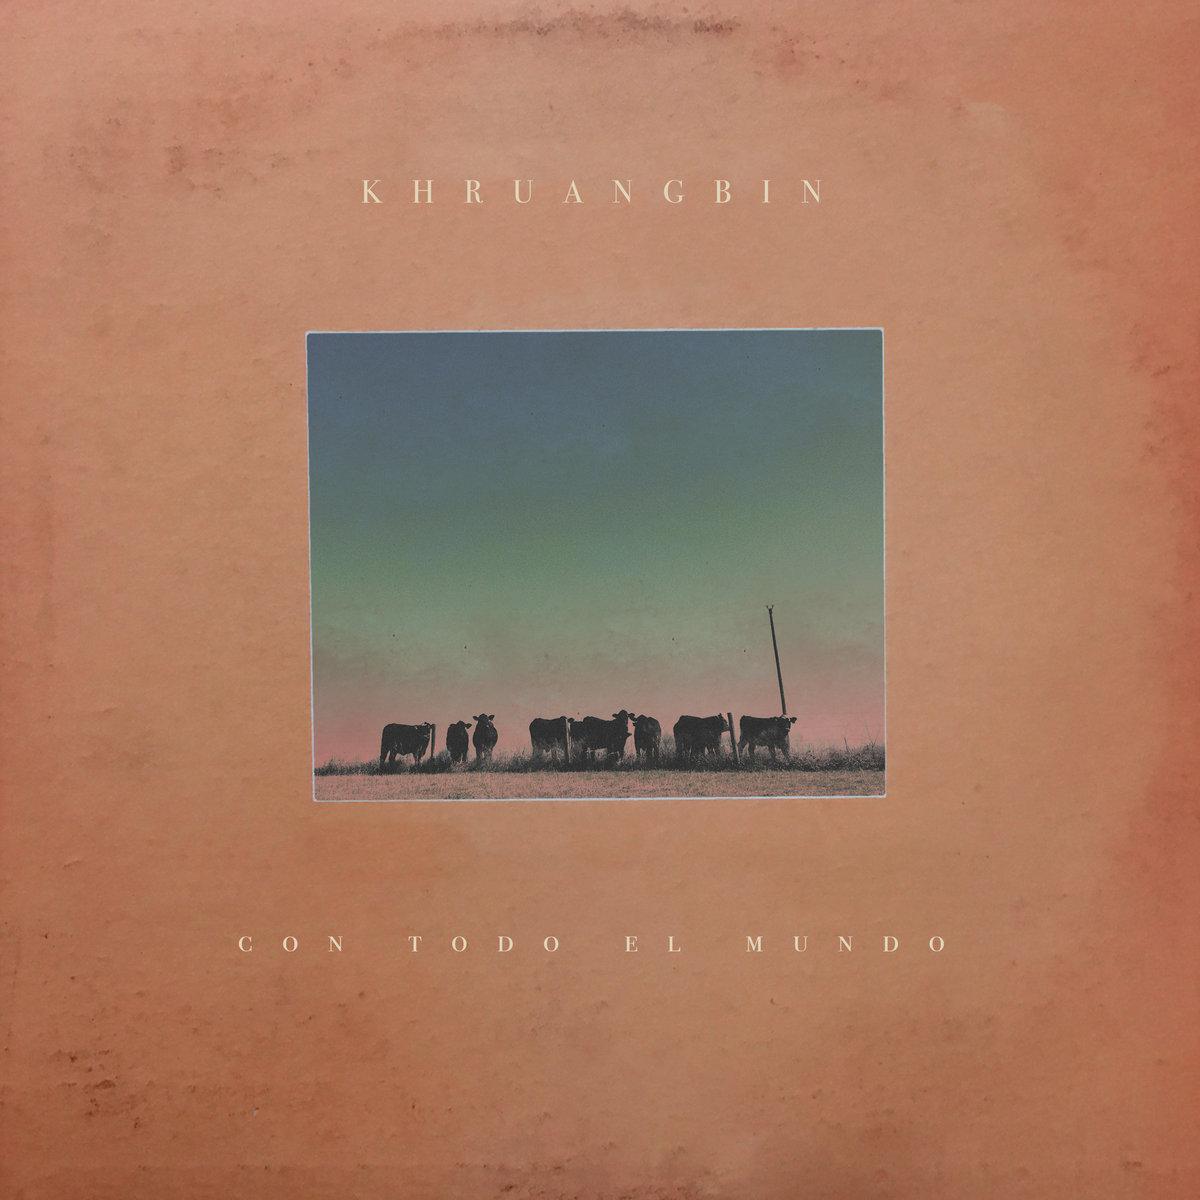 con-todo-el-mundo-album-by-khruangbin